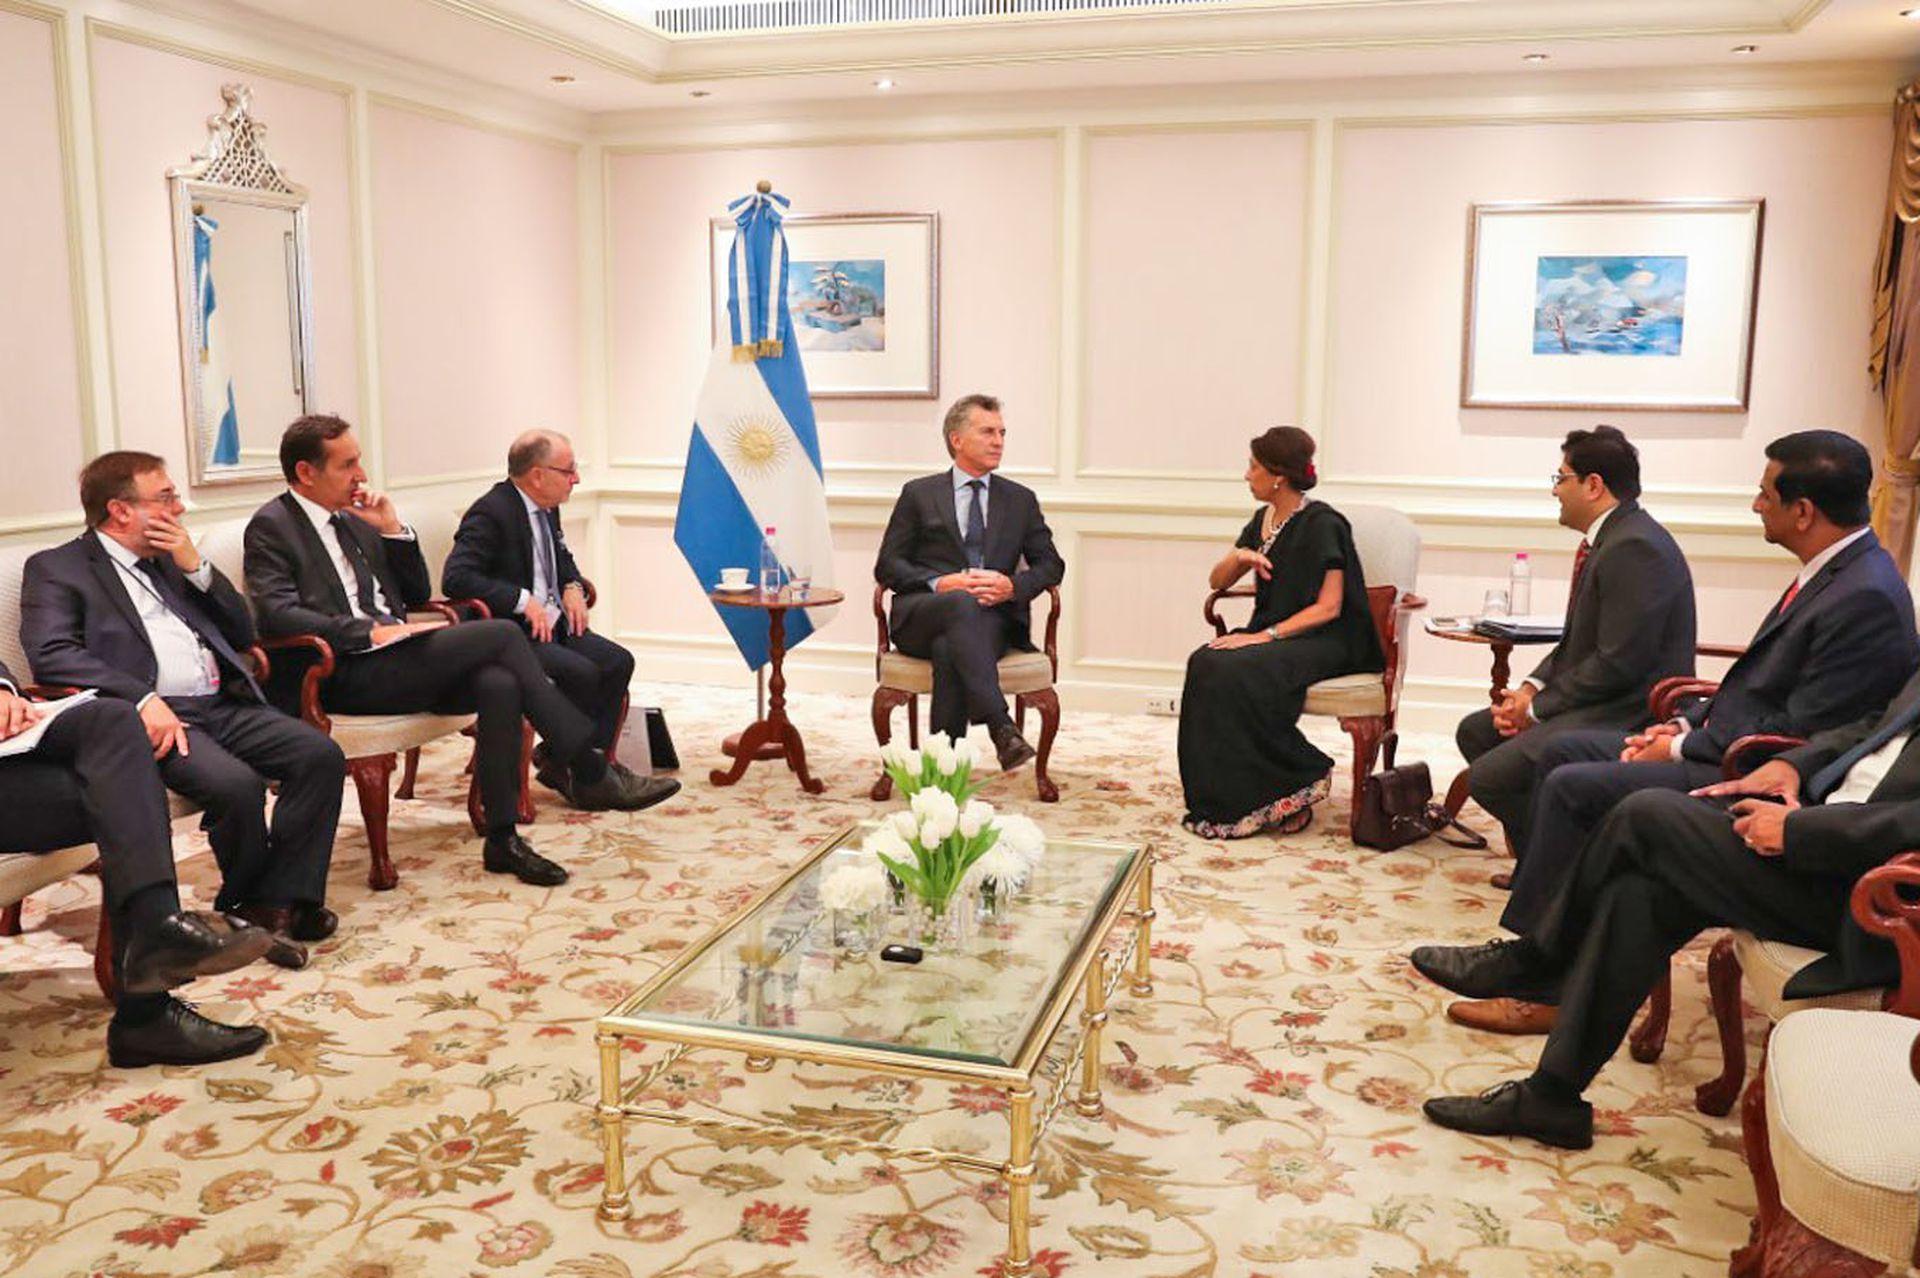 El presidente Mauricio Macri con autoridades del think tank Gateway of India